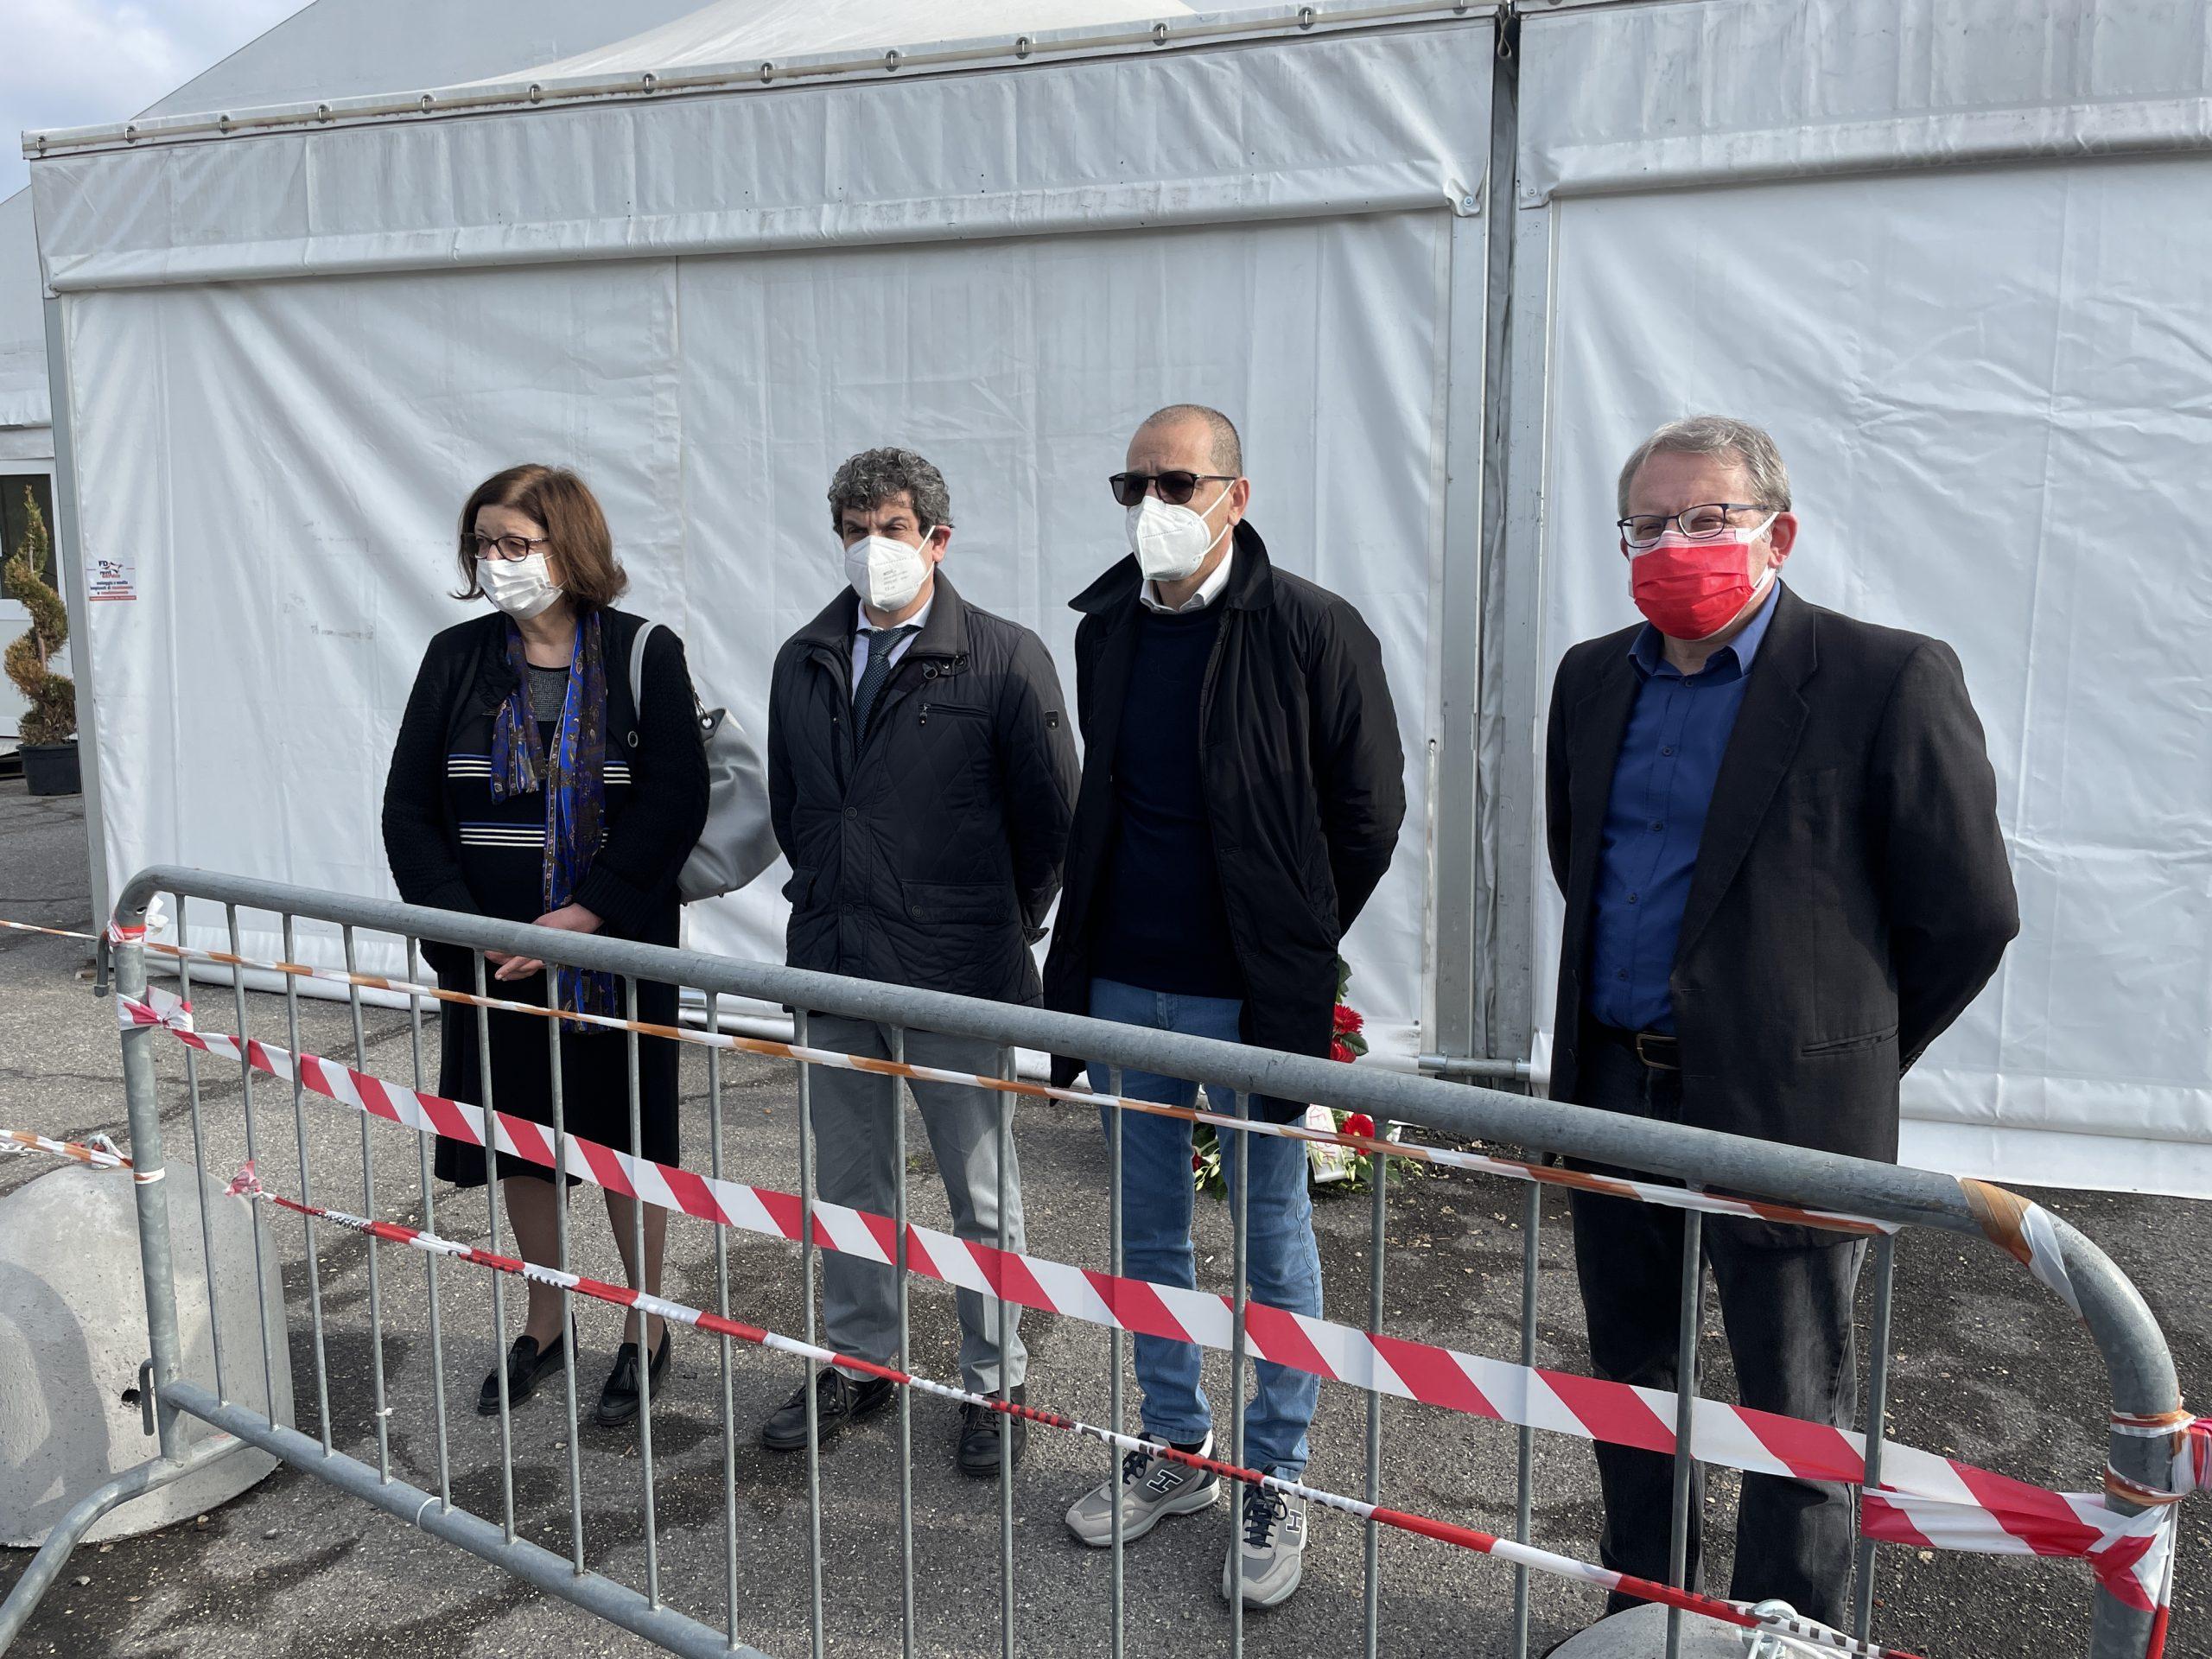 L'arresto degli attentatori di via Morelli. Le reazioni di Annamaria Indelicato e Cgil Cisl Uil